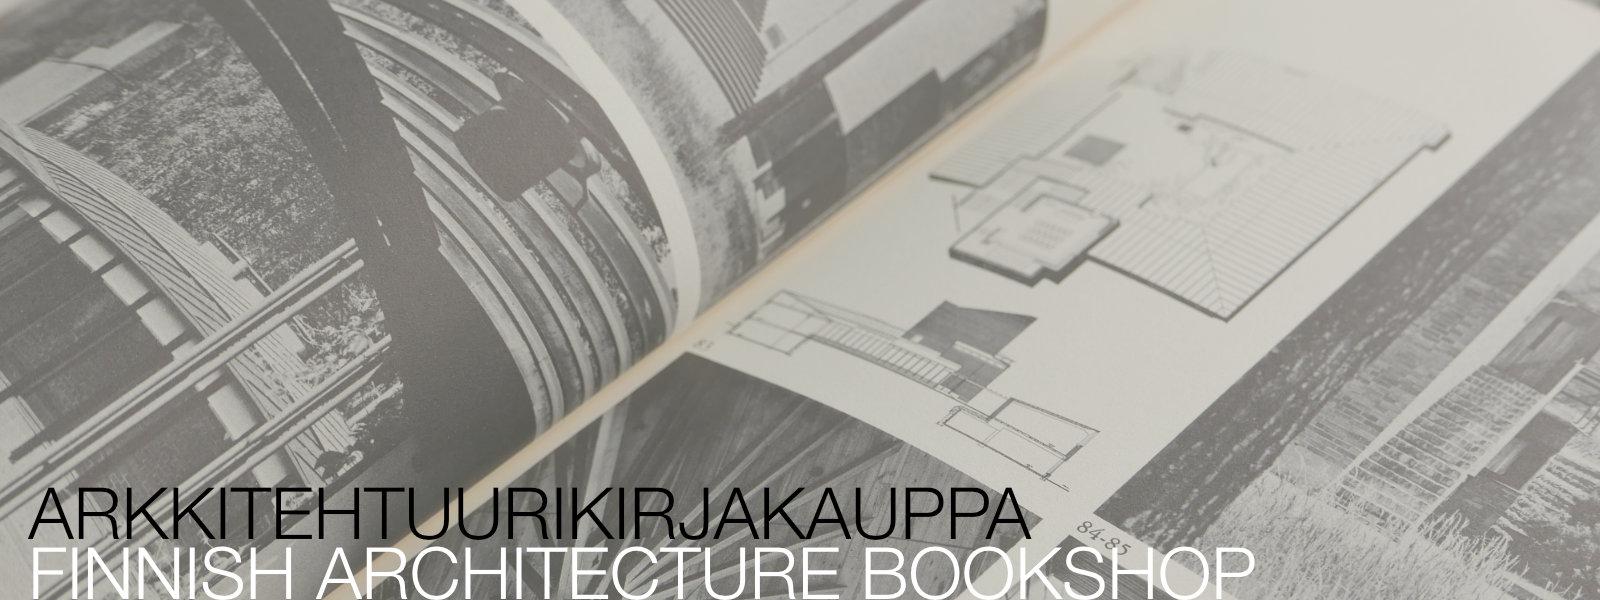 bookm-ark.fi architecture bookshop arkkitehtuurikirjakauppa